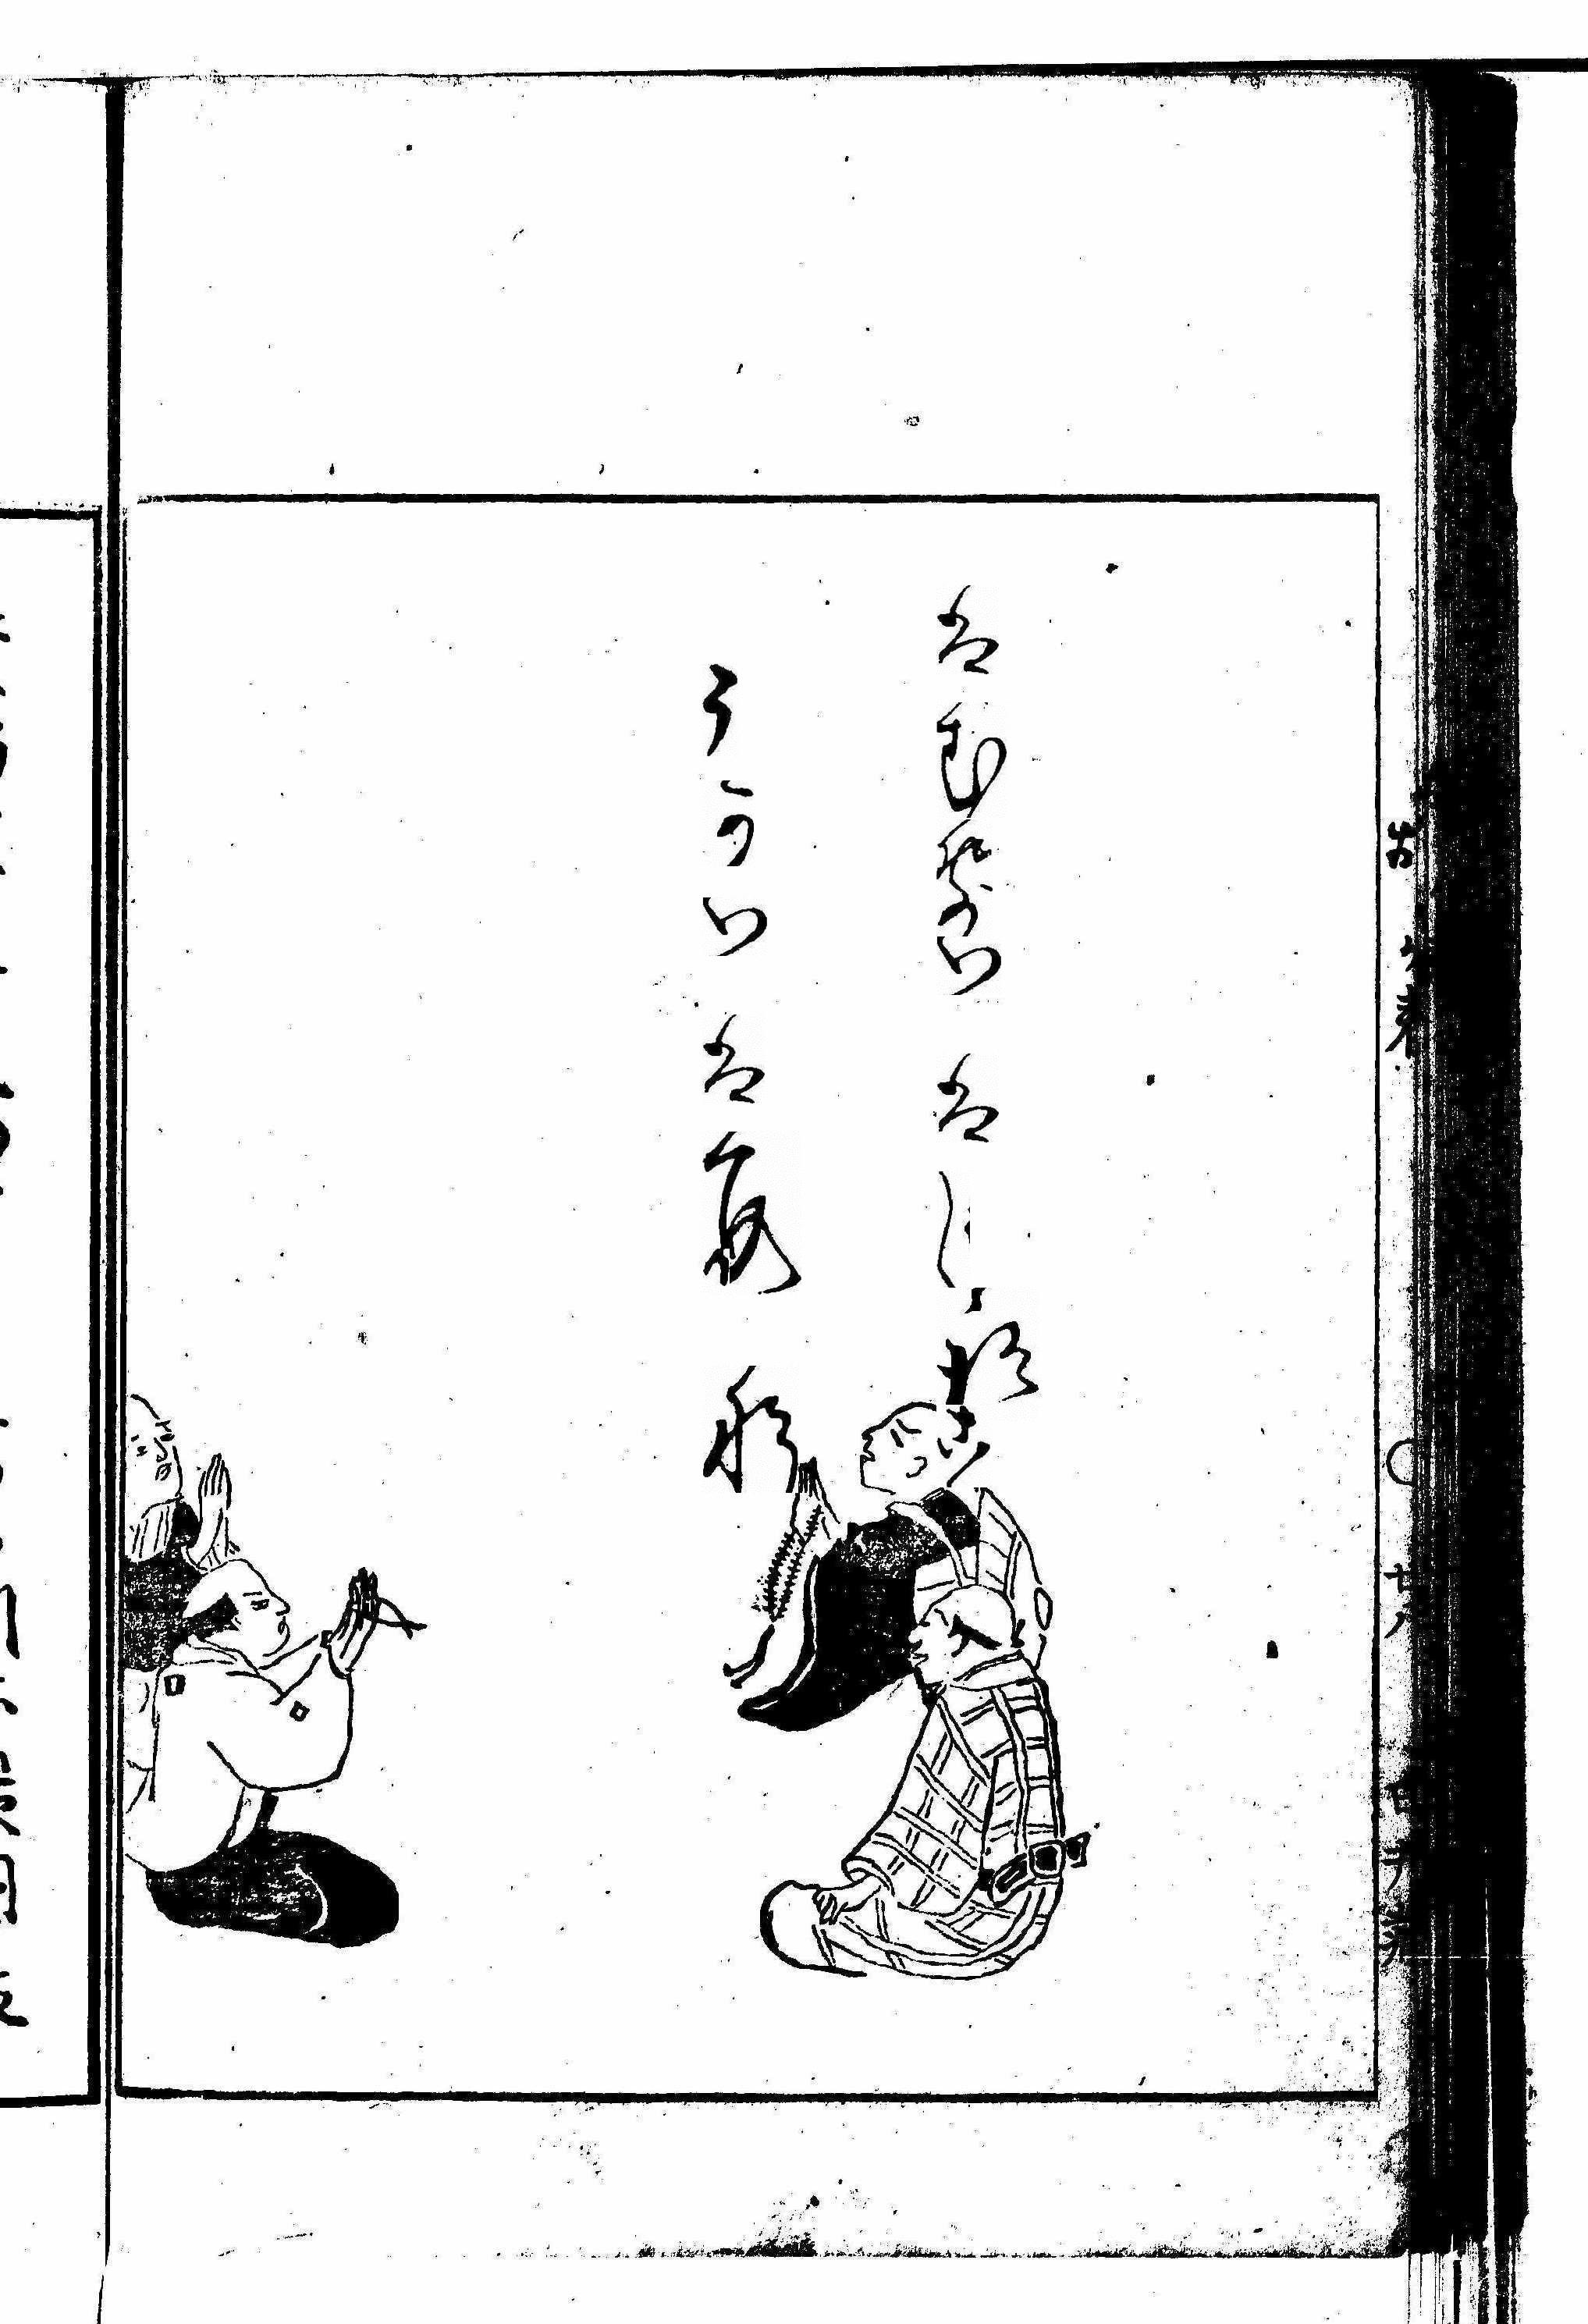 「はんせいはしろ こうかいはするな」(by 松岡修造氏)のくずし字サンプル